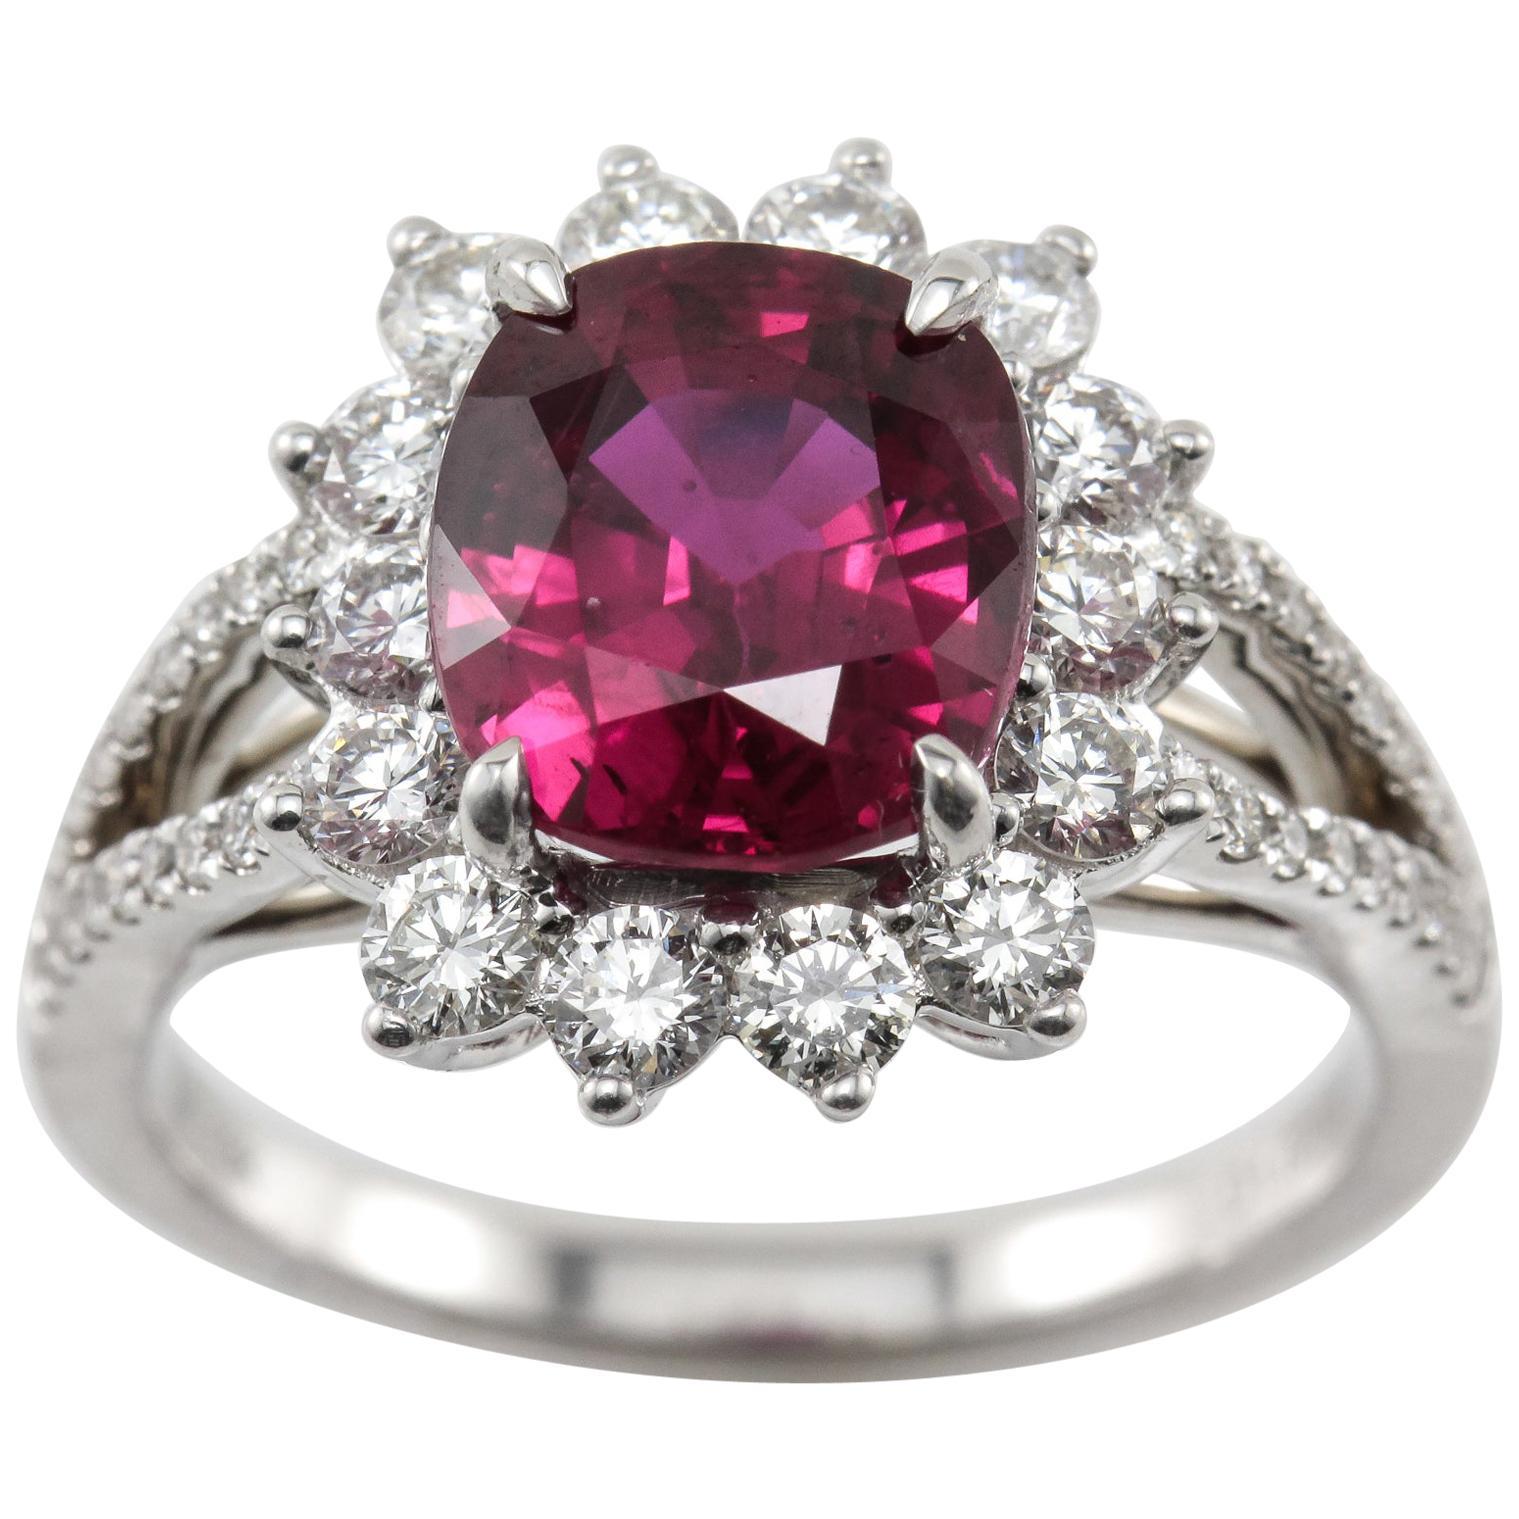 18 Karat GIA Certified 3.80 Carat Natural Ruby Diamond Halo Ring White Gold